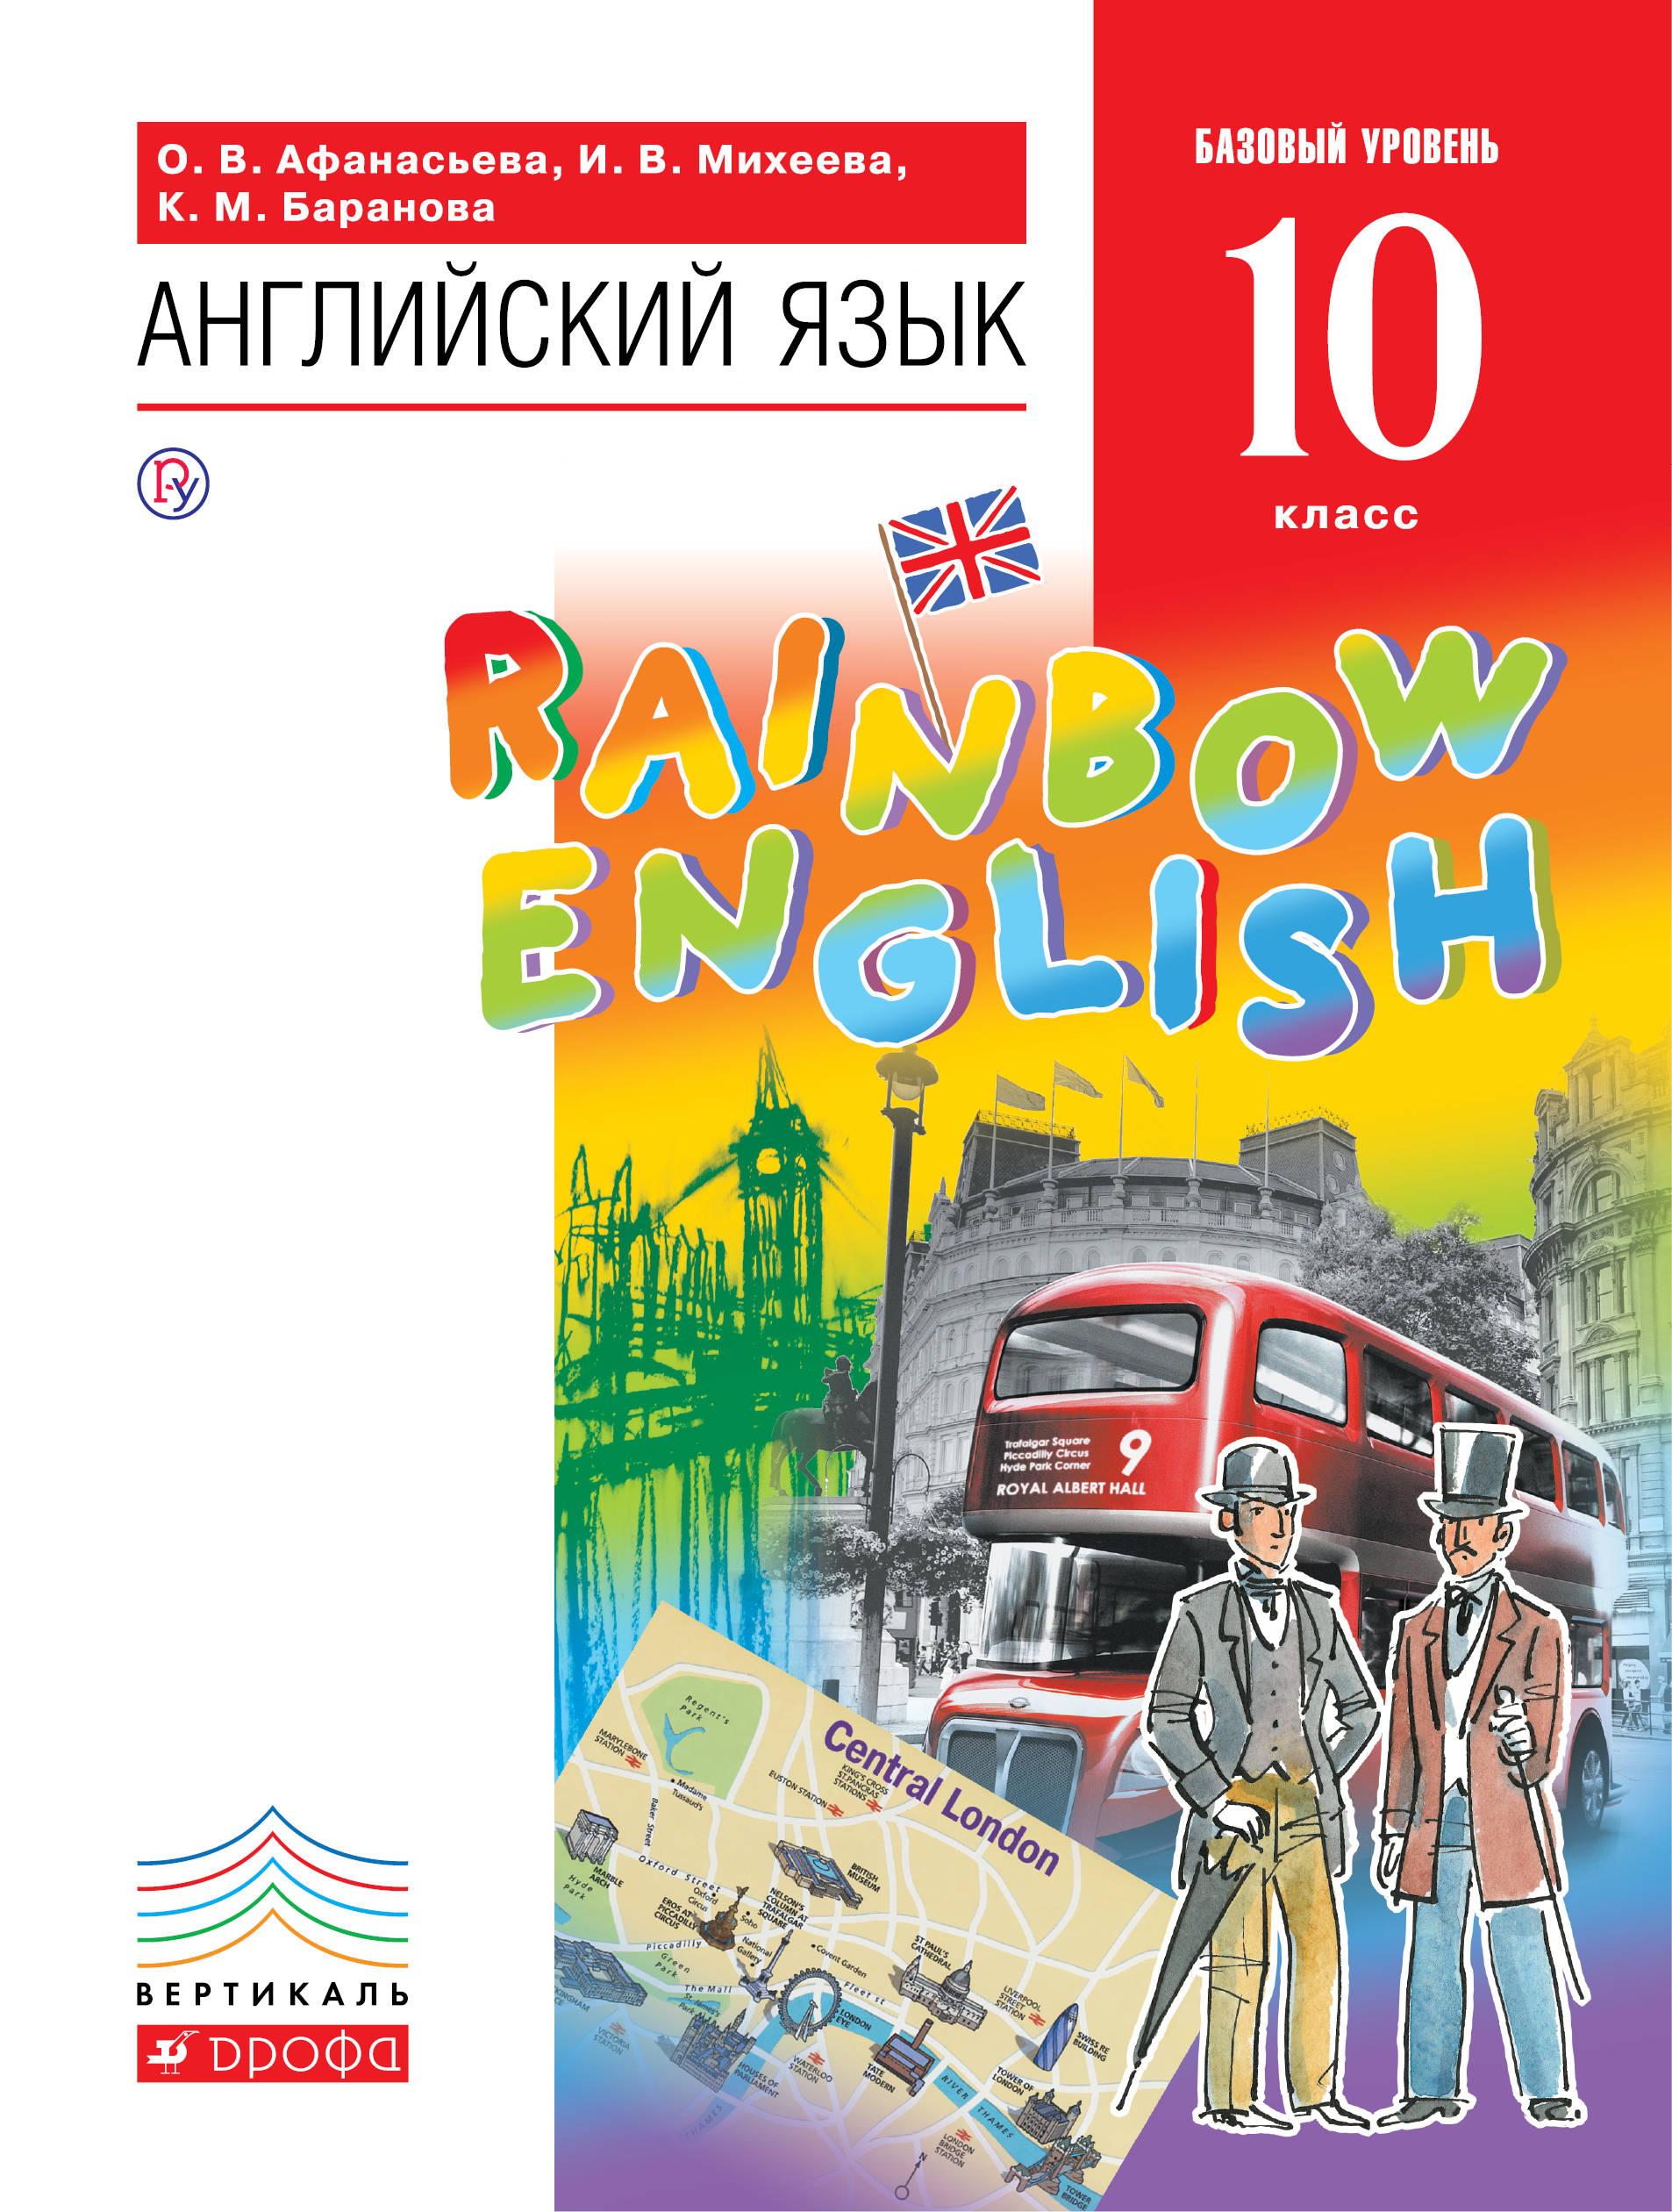 О. В. Афанасьева,И. В. Михеева,К. М. Баранова Английский язык. Базовый уровень. 10 класс. Учебник